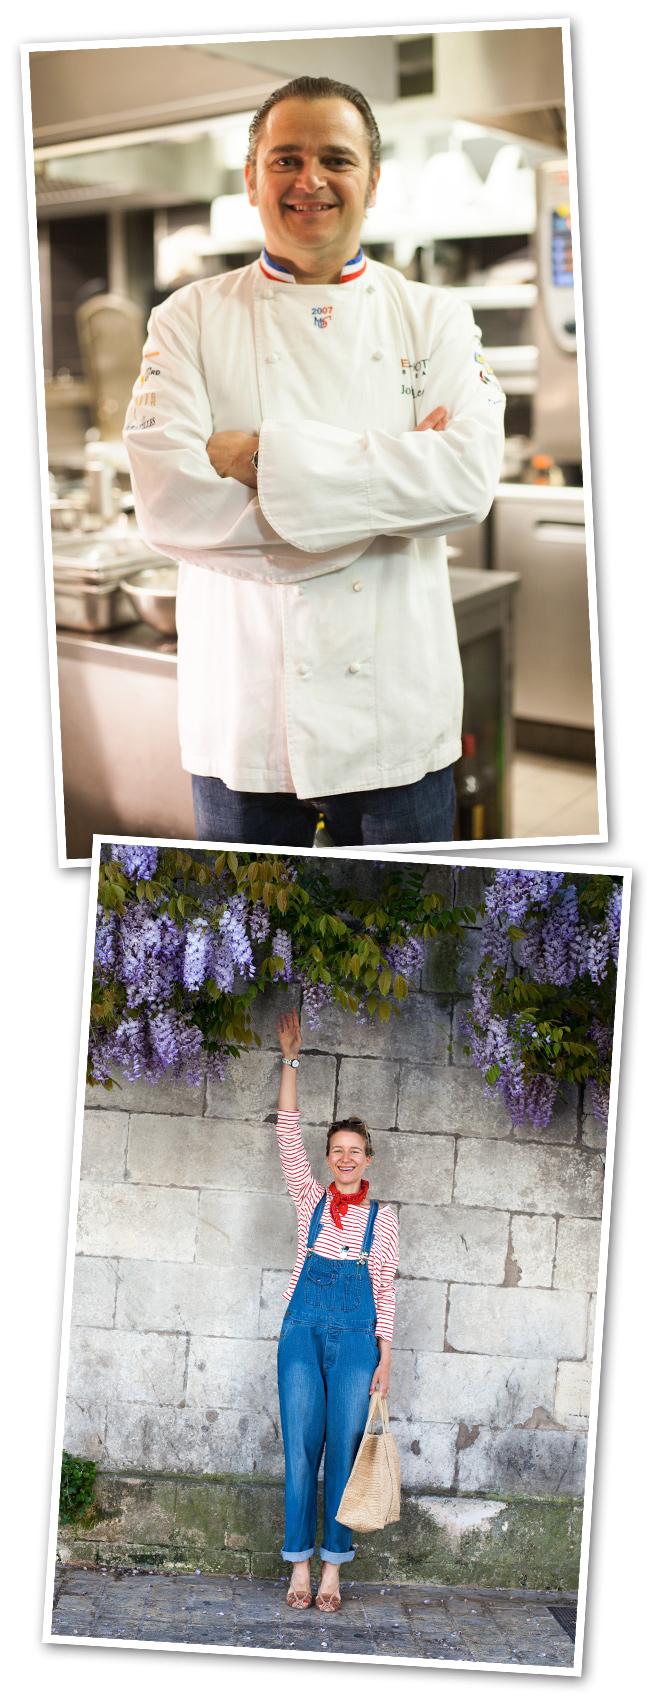 Y otro restaurante que me encantó fue La Suite del Chef Johan Leclerre, que ofrece recetas contemporáneas de producto local y de temporada.